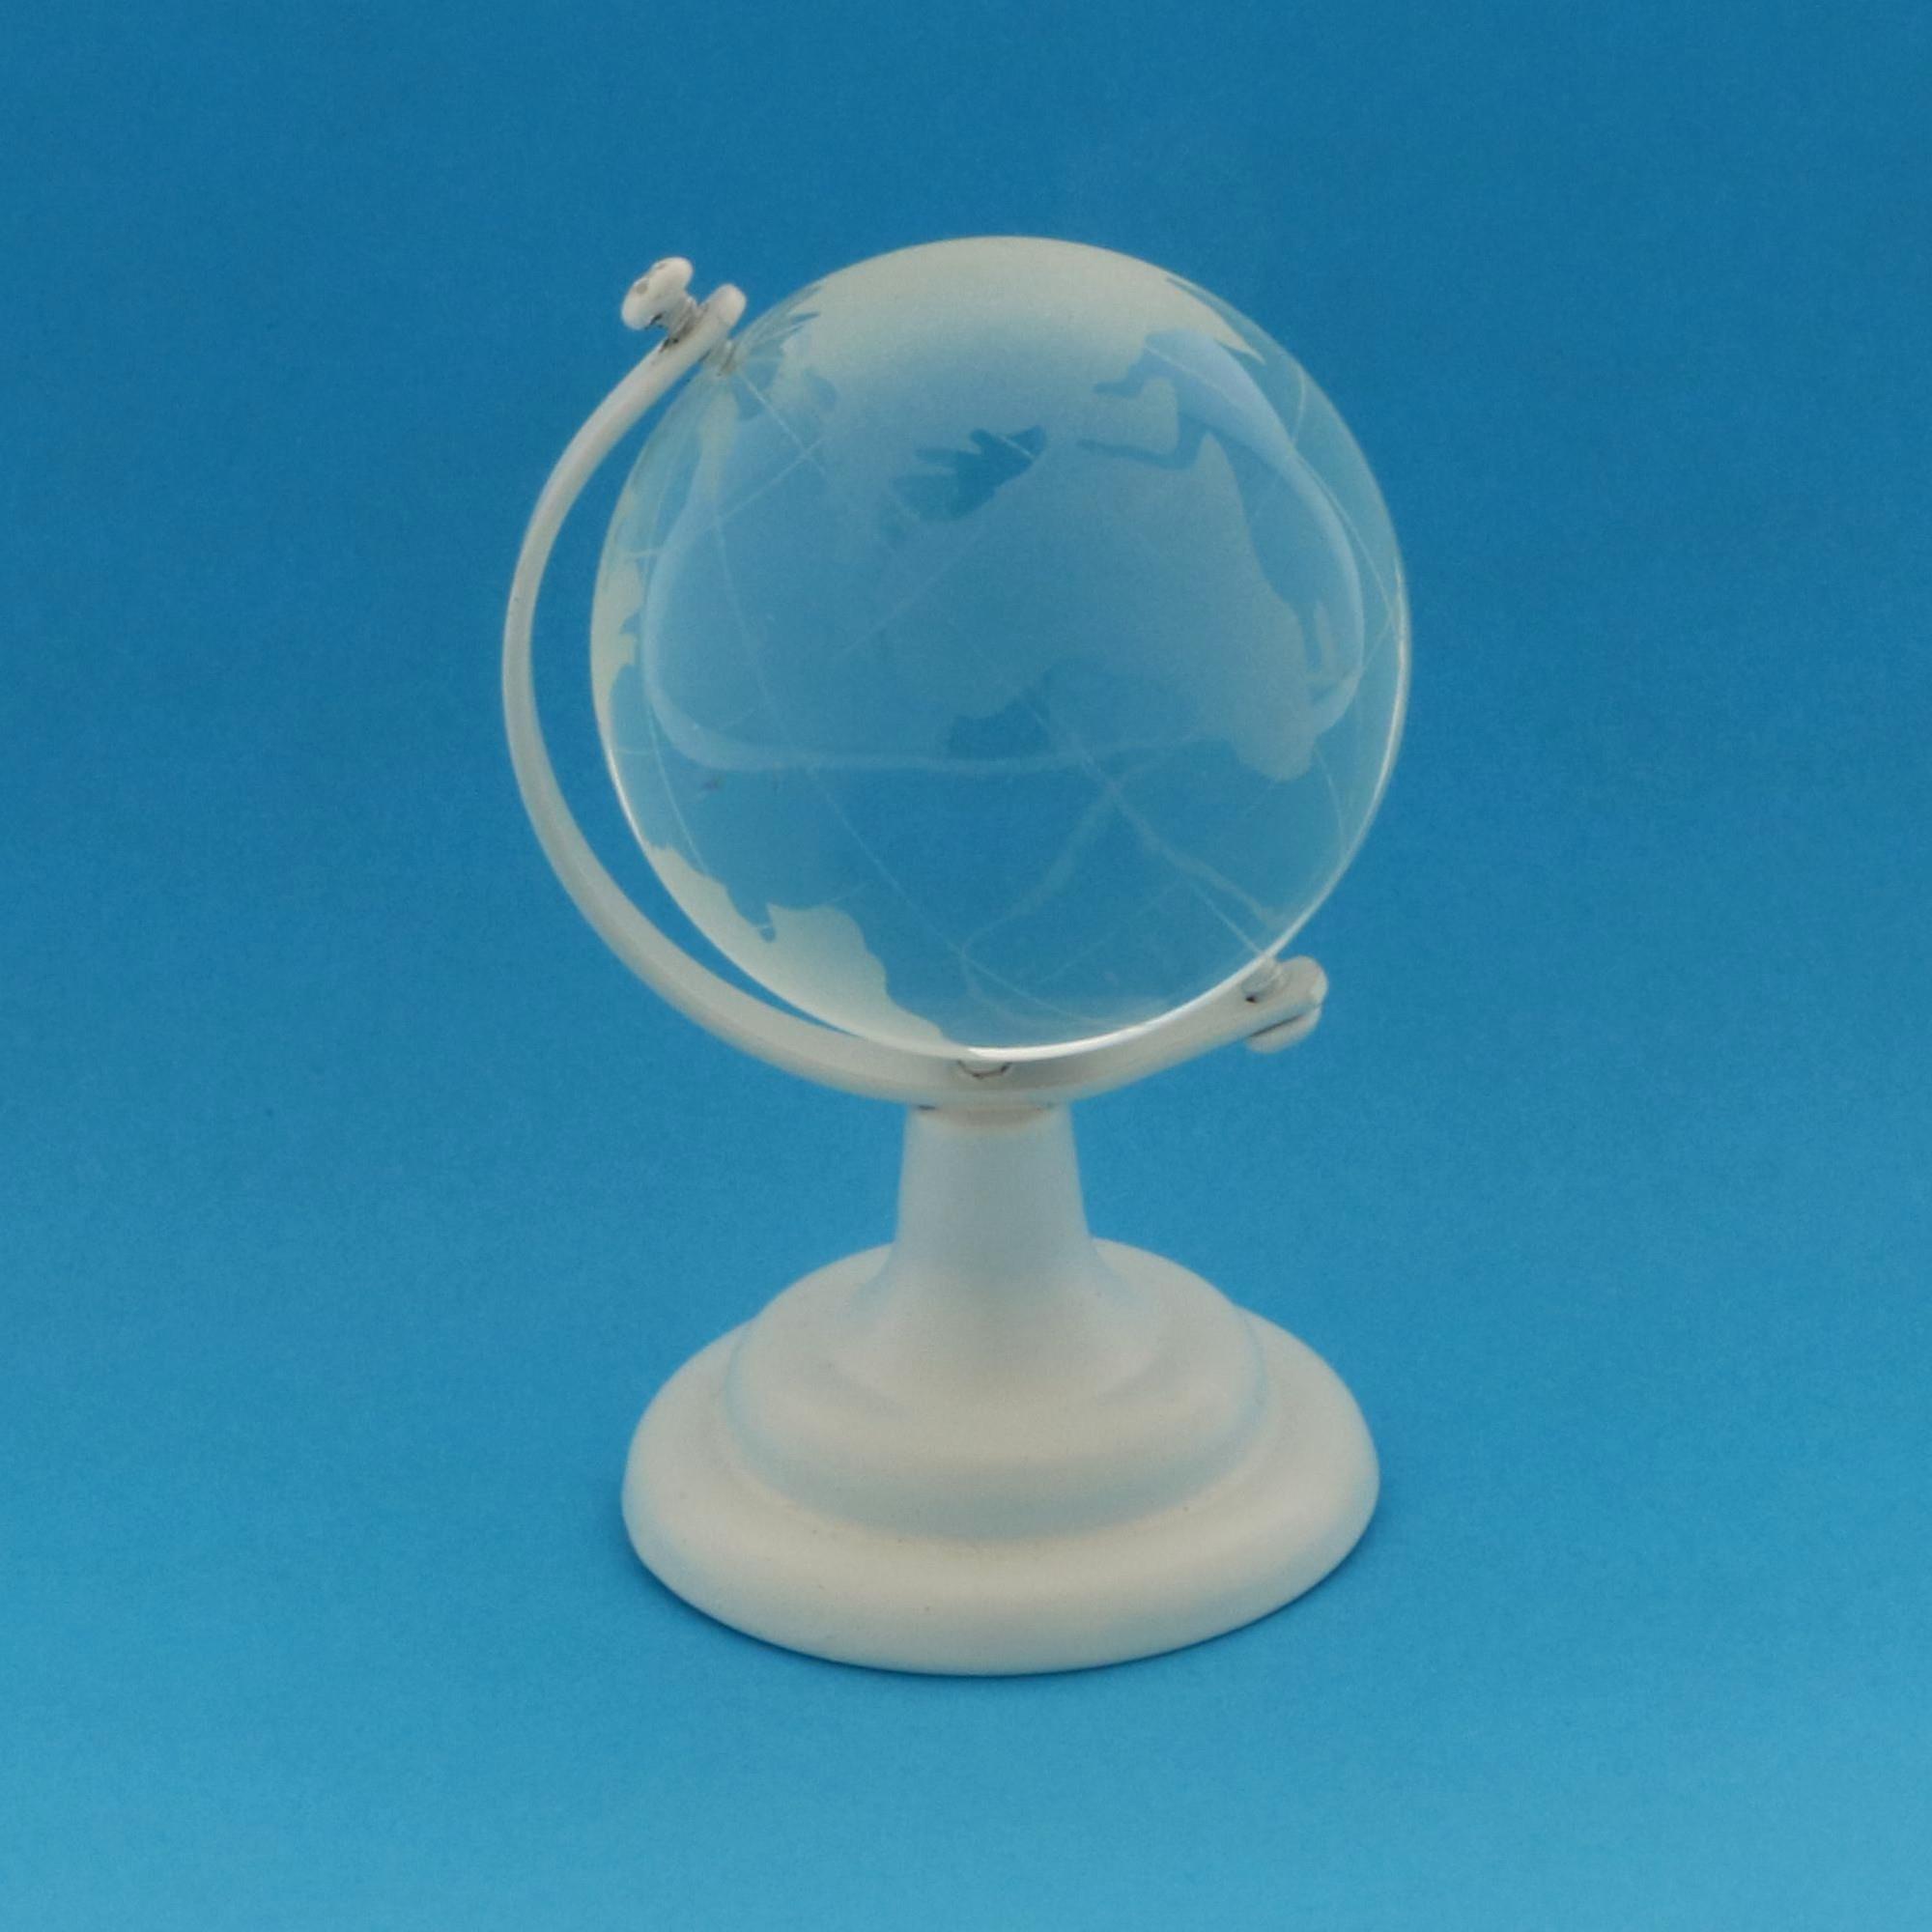 Mappamondo Globo in vetro 6 cm con base BIANCA bomboniera